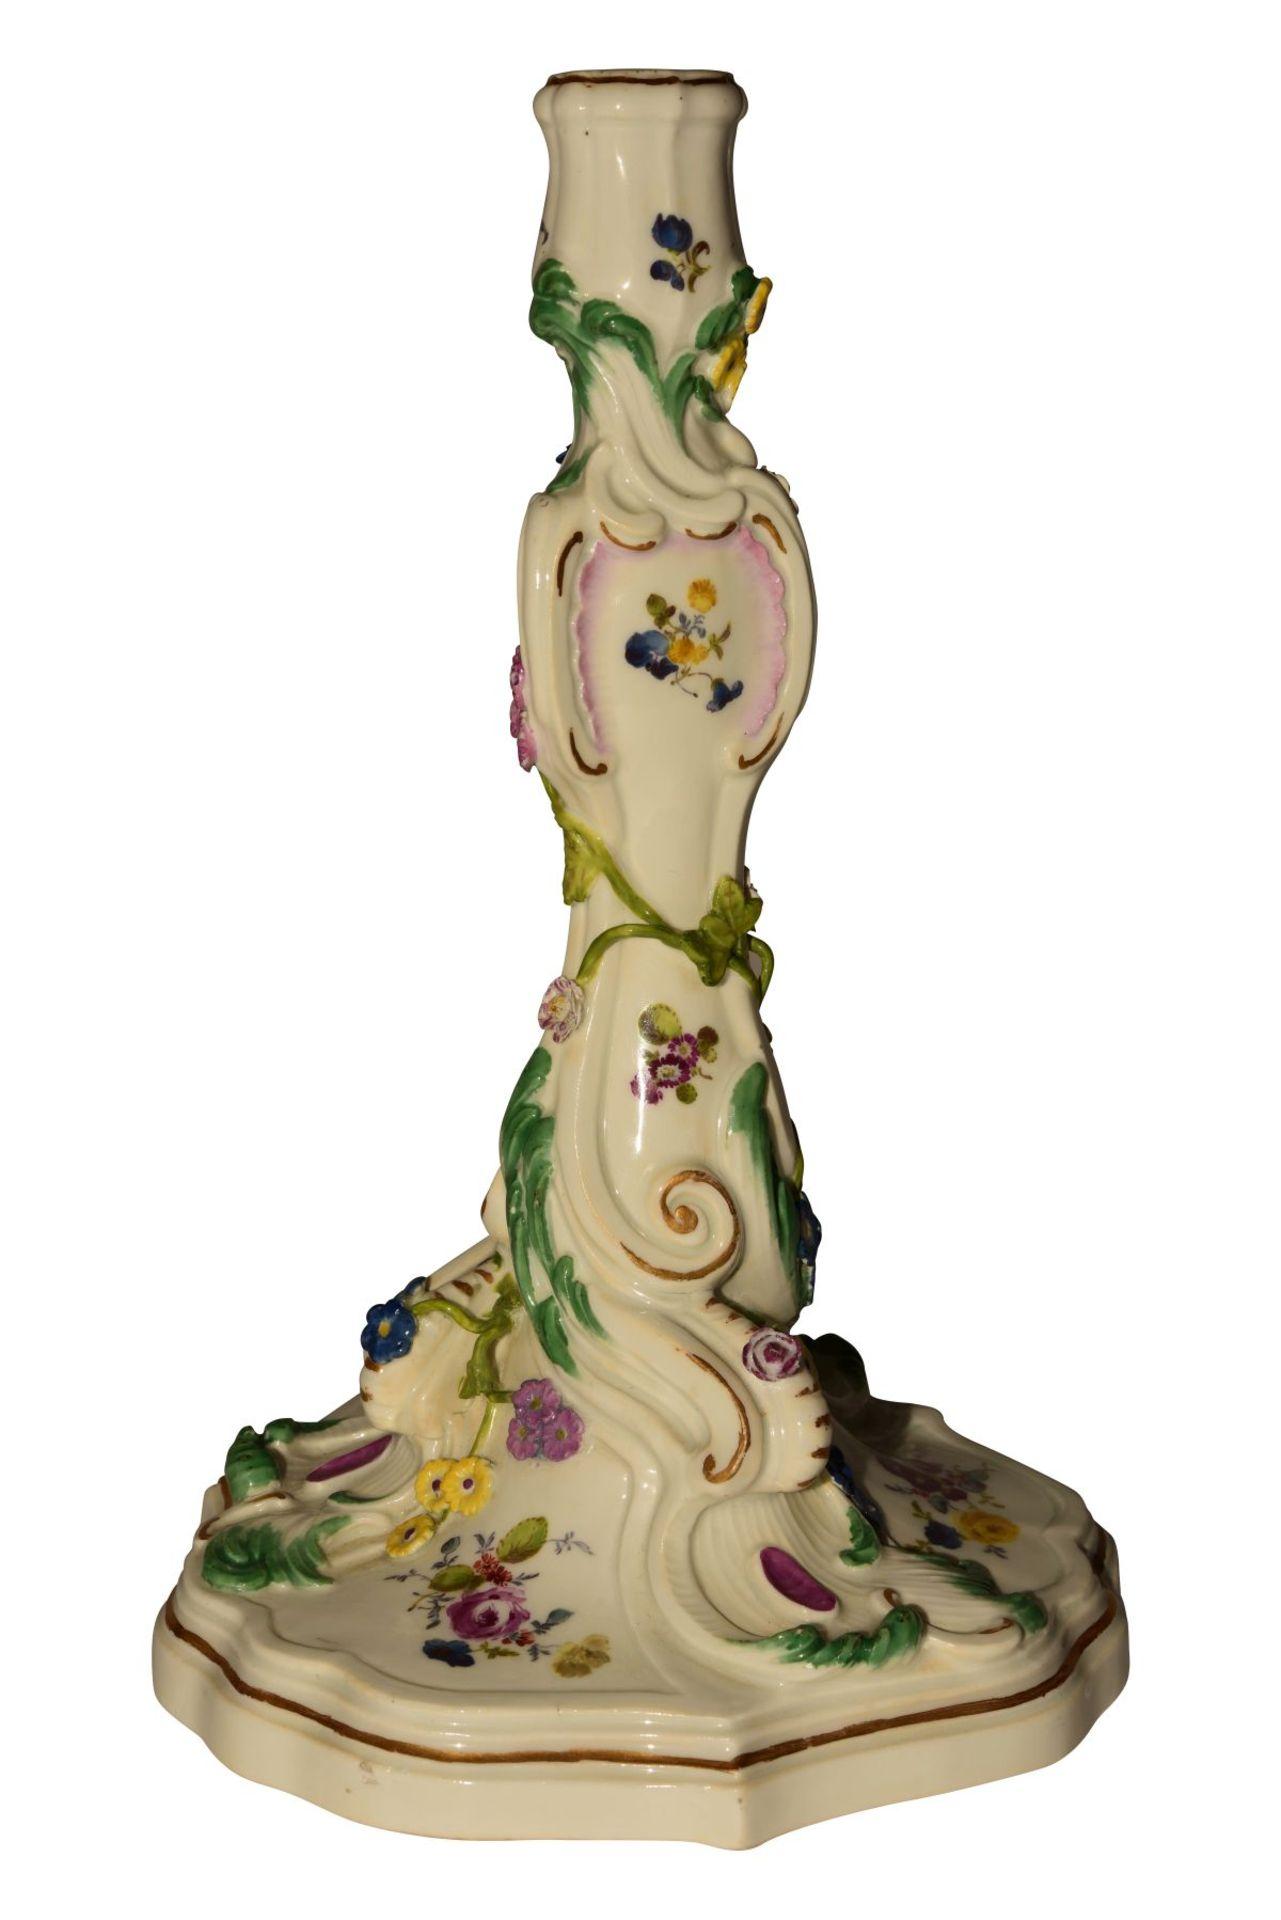 Kerzenstock Meissen 1765 - Bild 3 aus 6